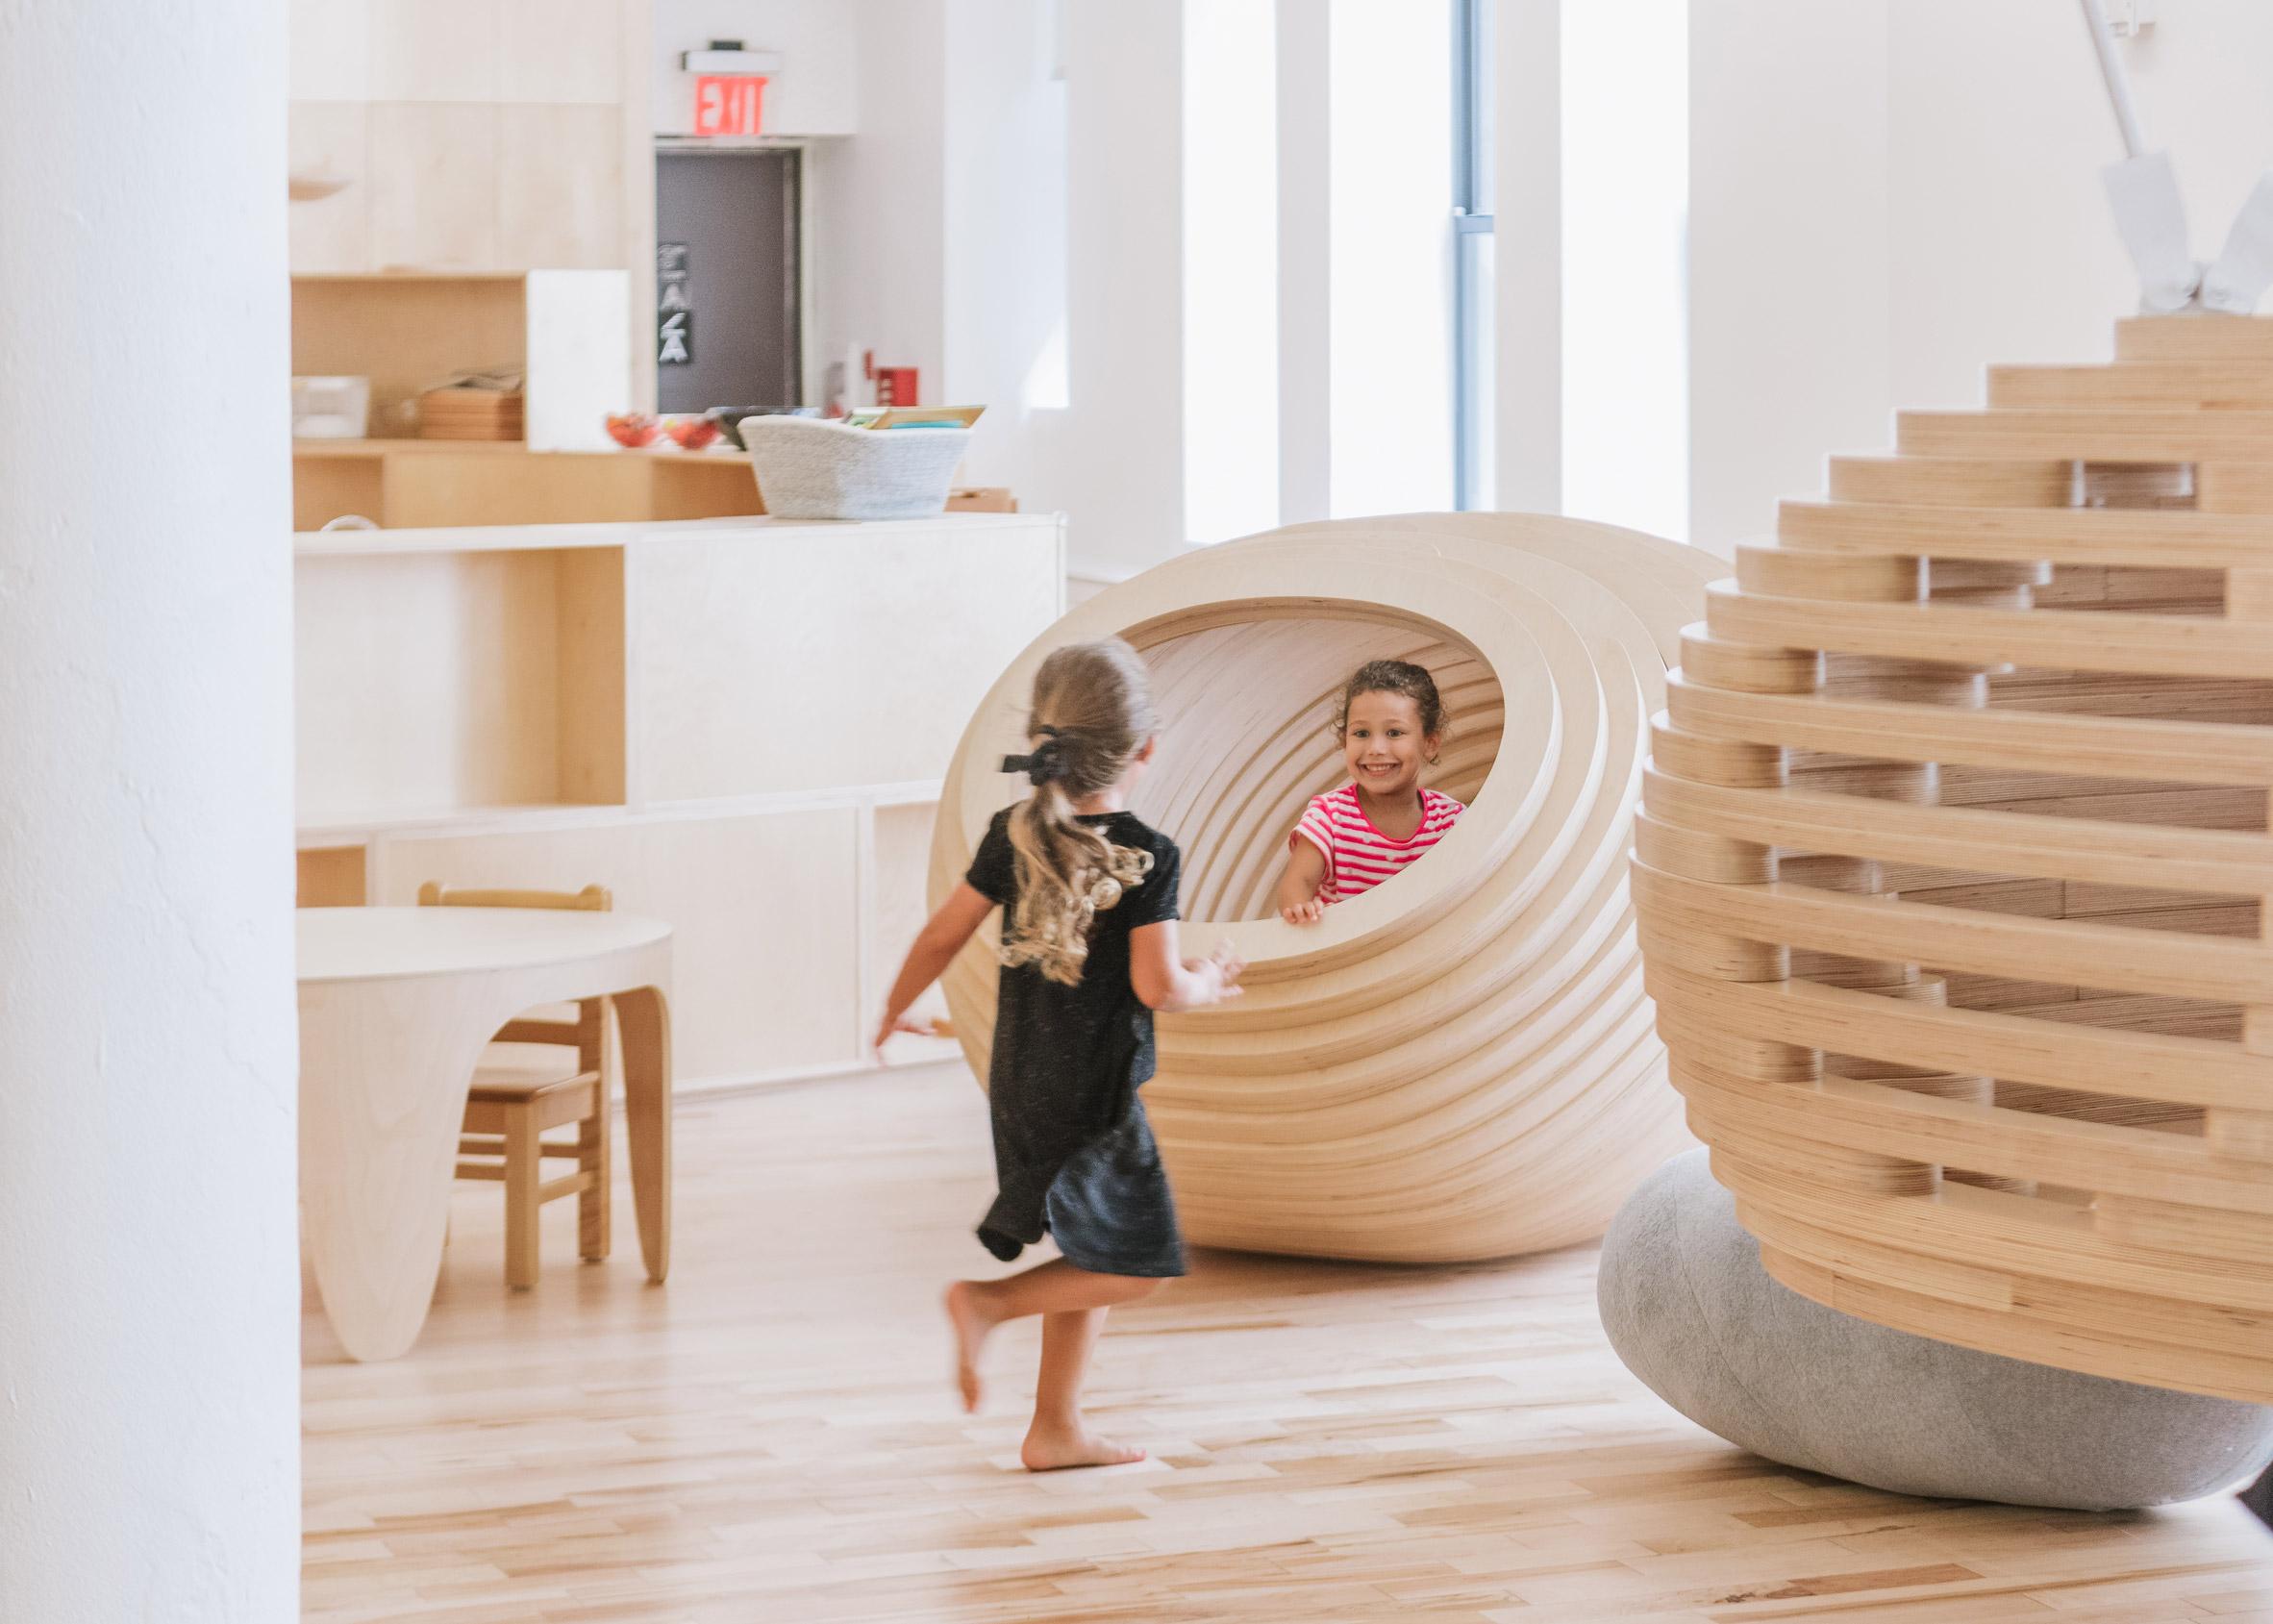 wegrow-big-wework-kindergarten-children-new-york-usa_dezeen_2364_col_4.jpg